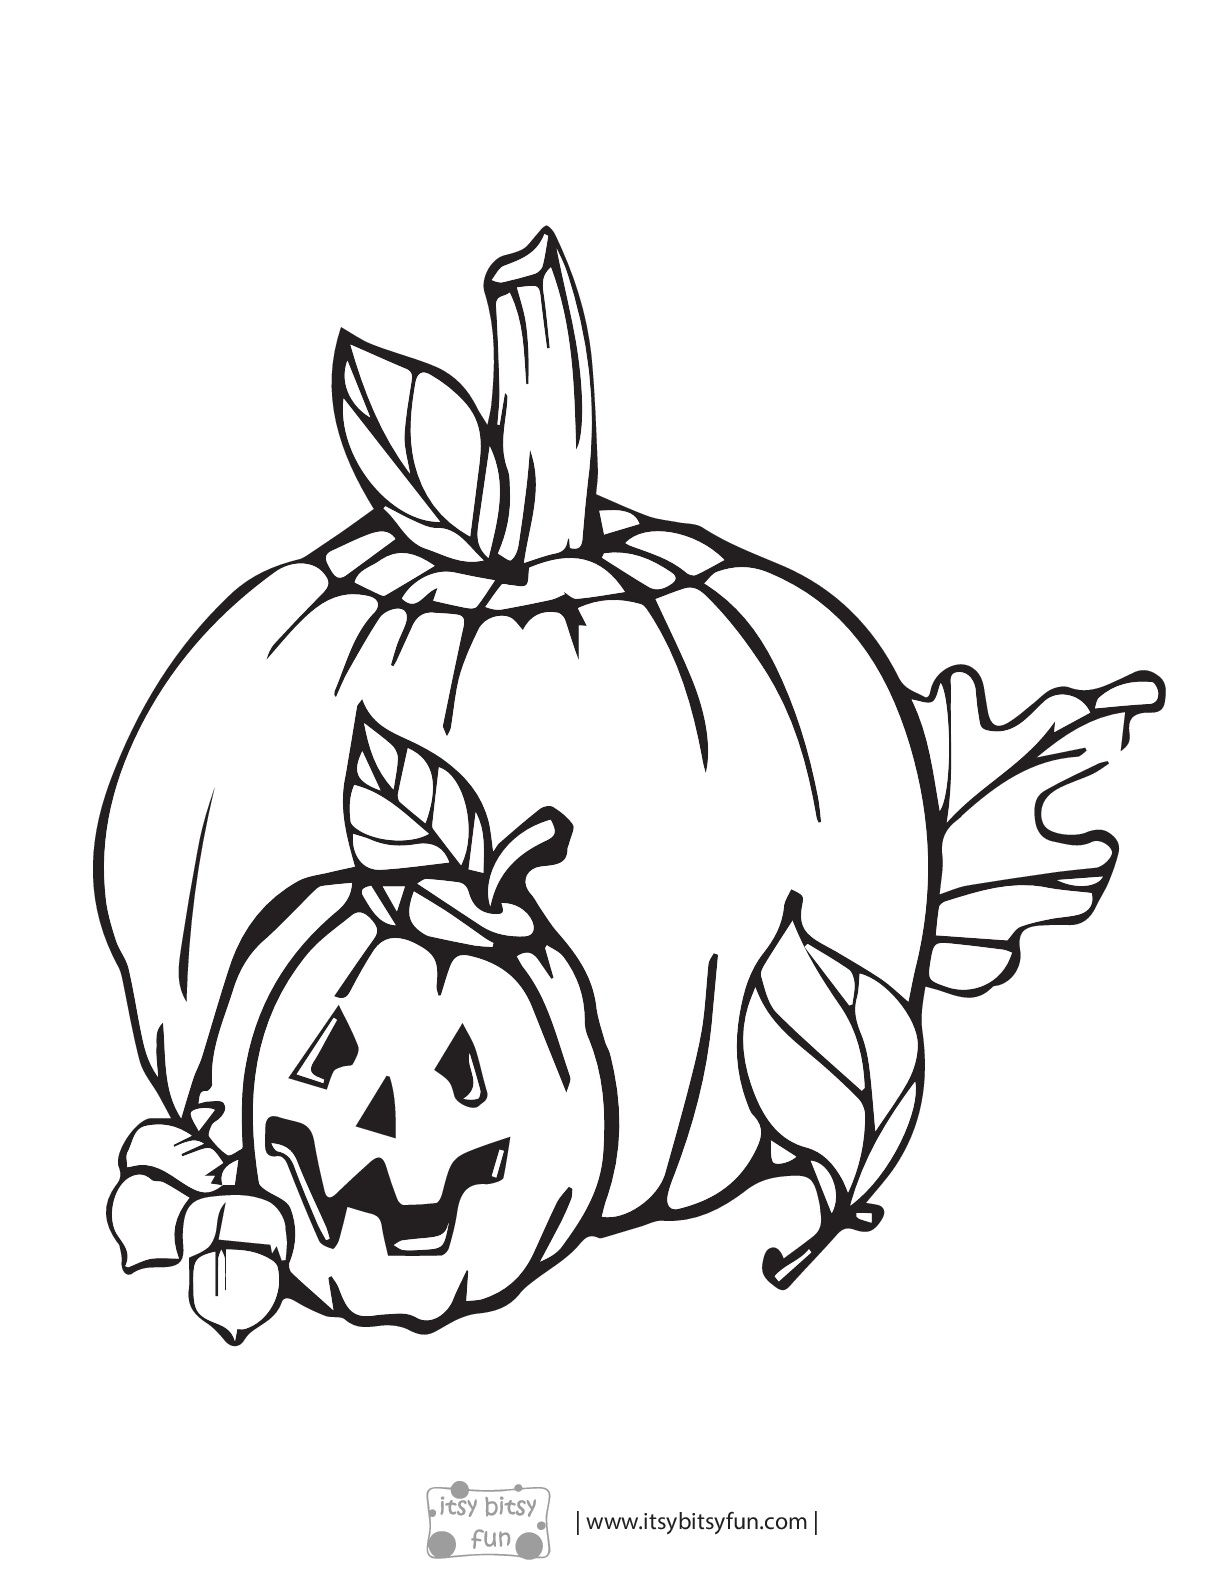 Pin Von Katya Osinskaya Auf Halloween Ausmalbilder Herbst Ausmalvorlagen Malvorlagen Halloween Ausmalbilder